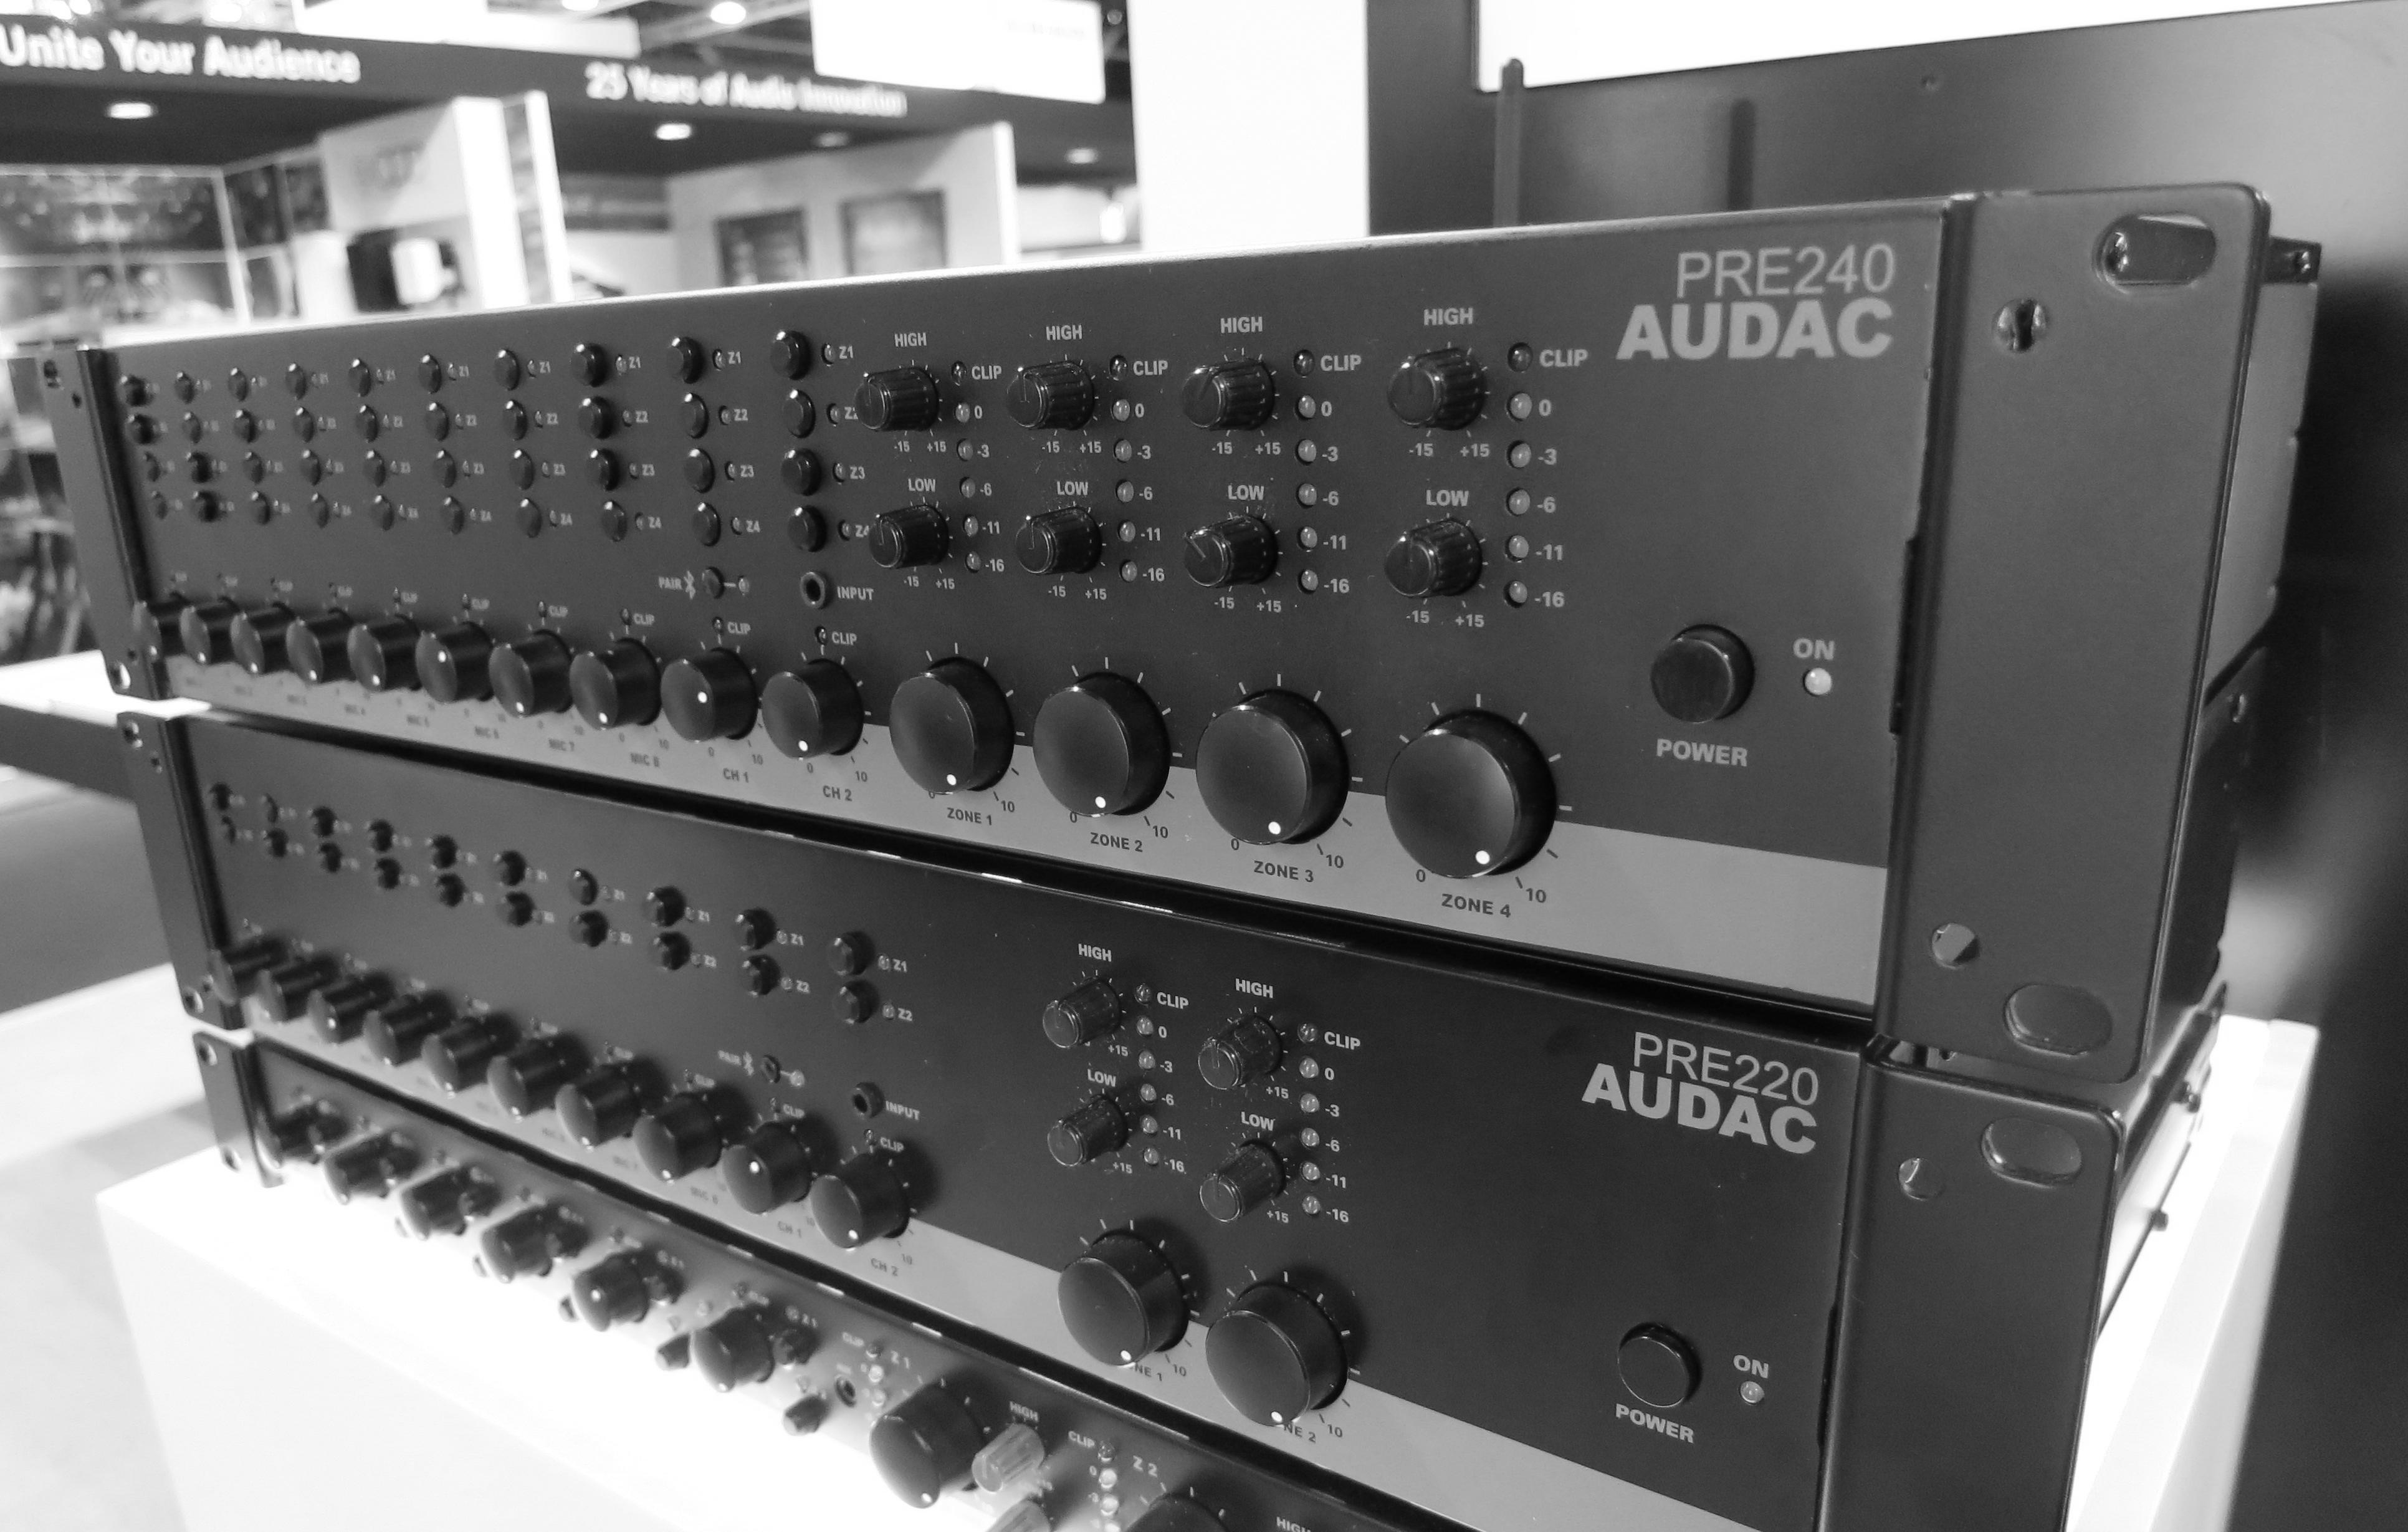 AUDAC PRE220 and PRE240